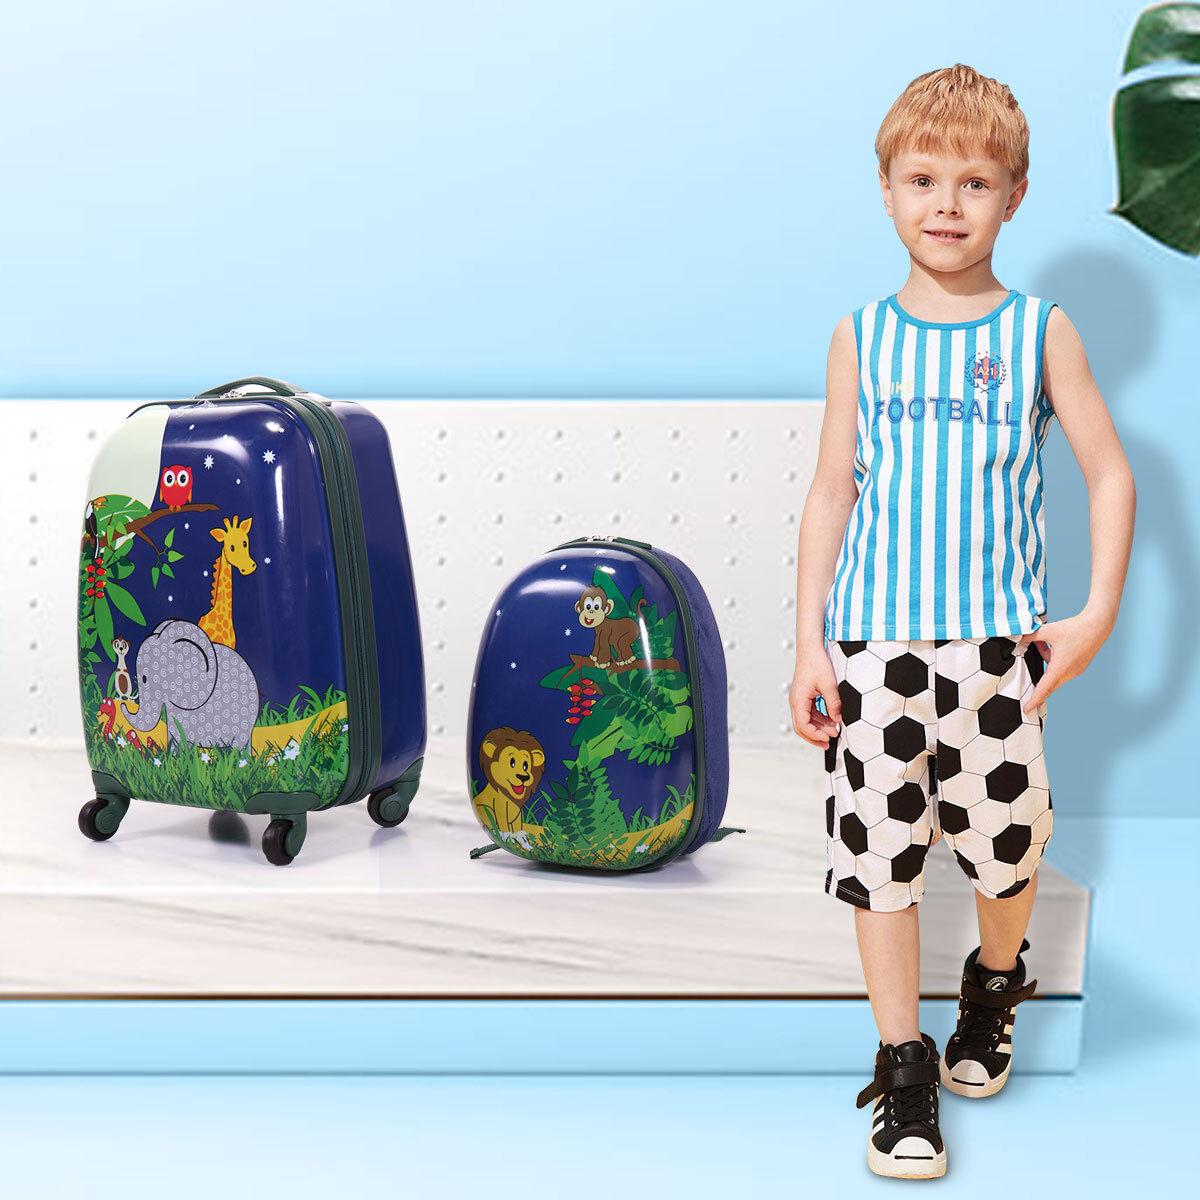 Kids Carry On Luggage 2Pc Set 12″ 16″ Upright Hard Side Hardcase Suitcase